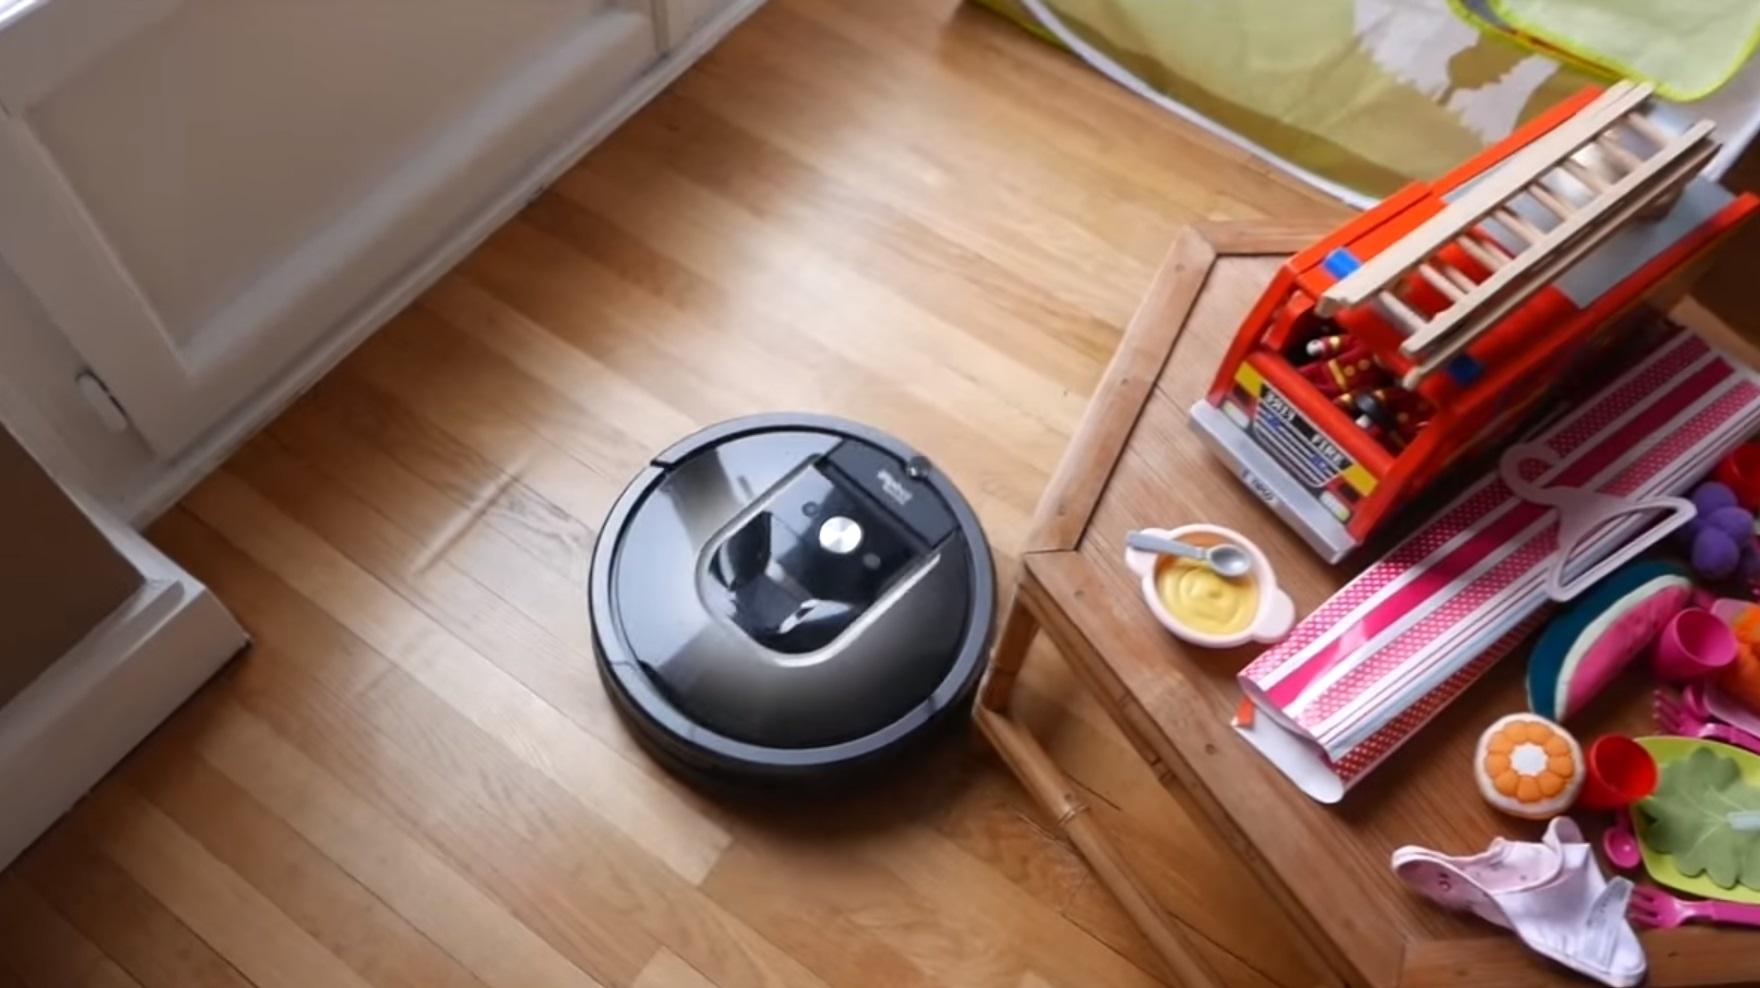 Aspirateur robot: ami ou espion?